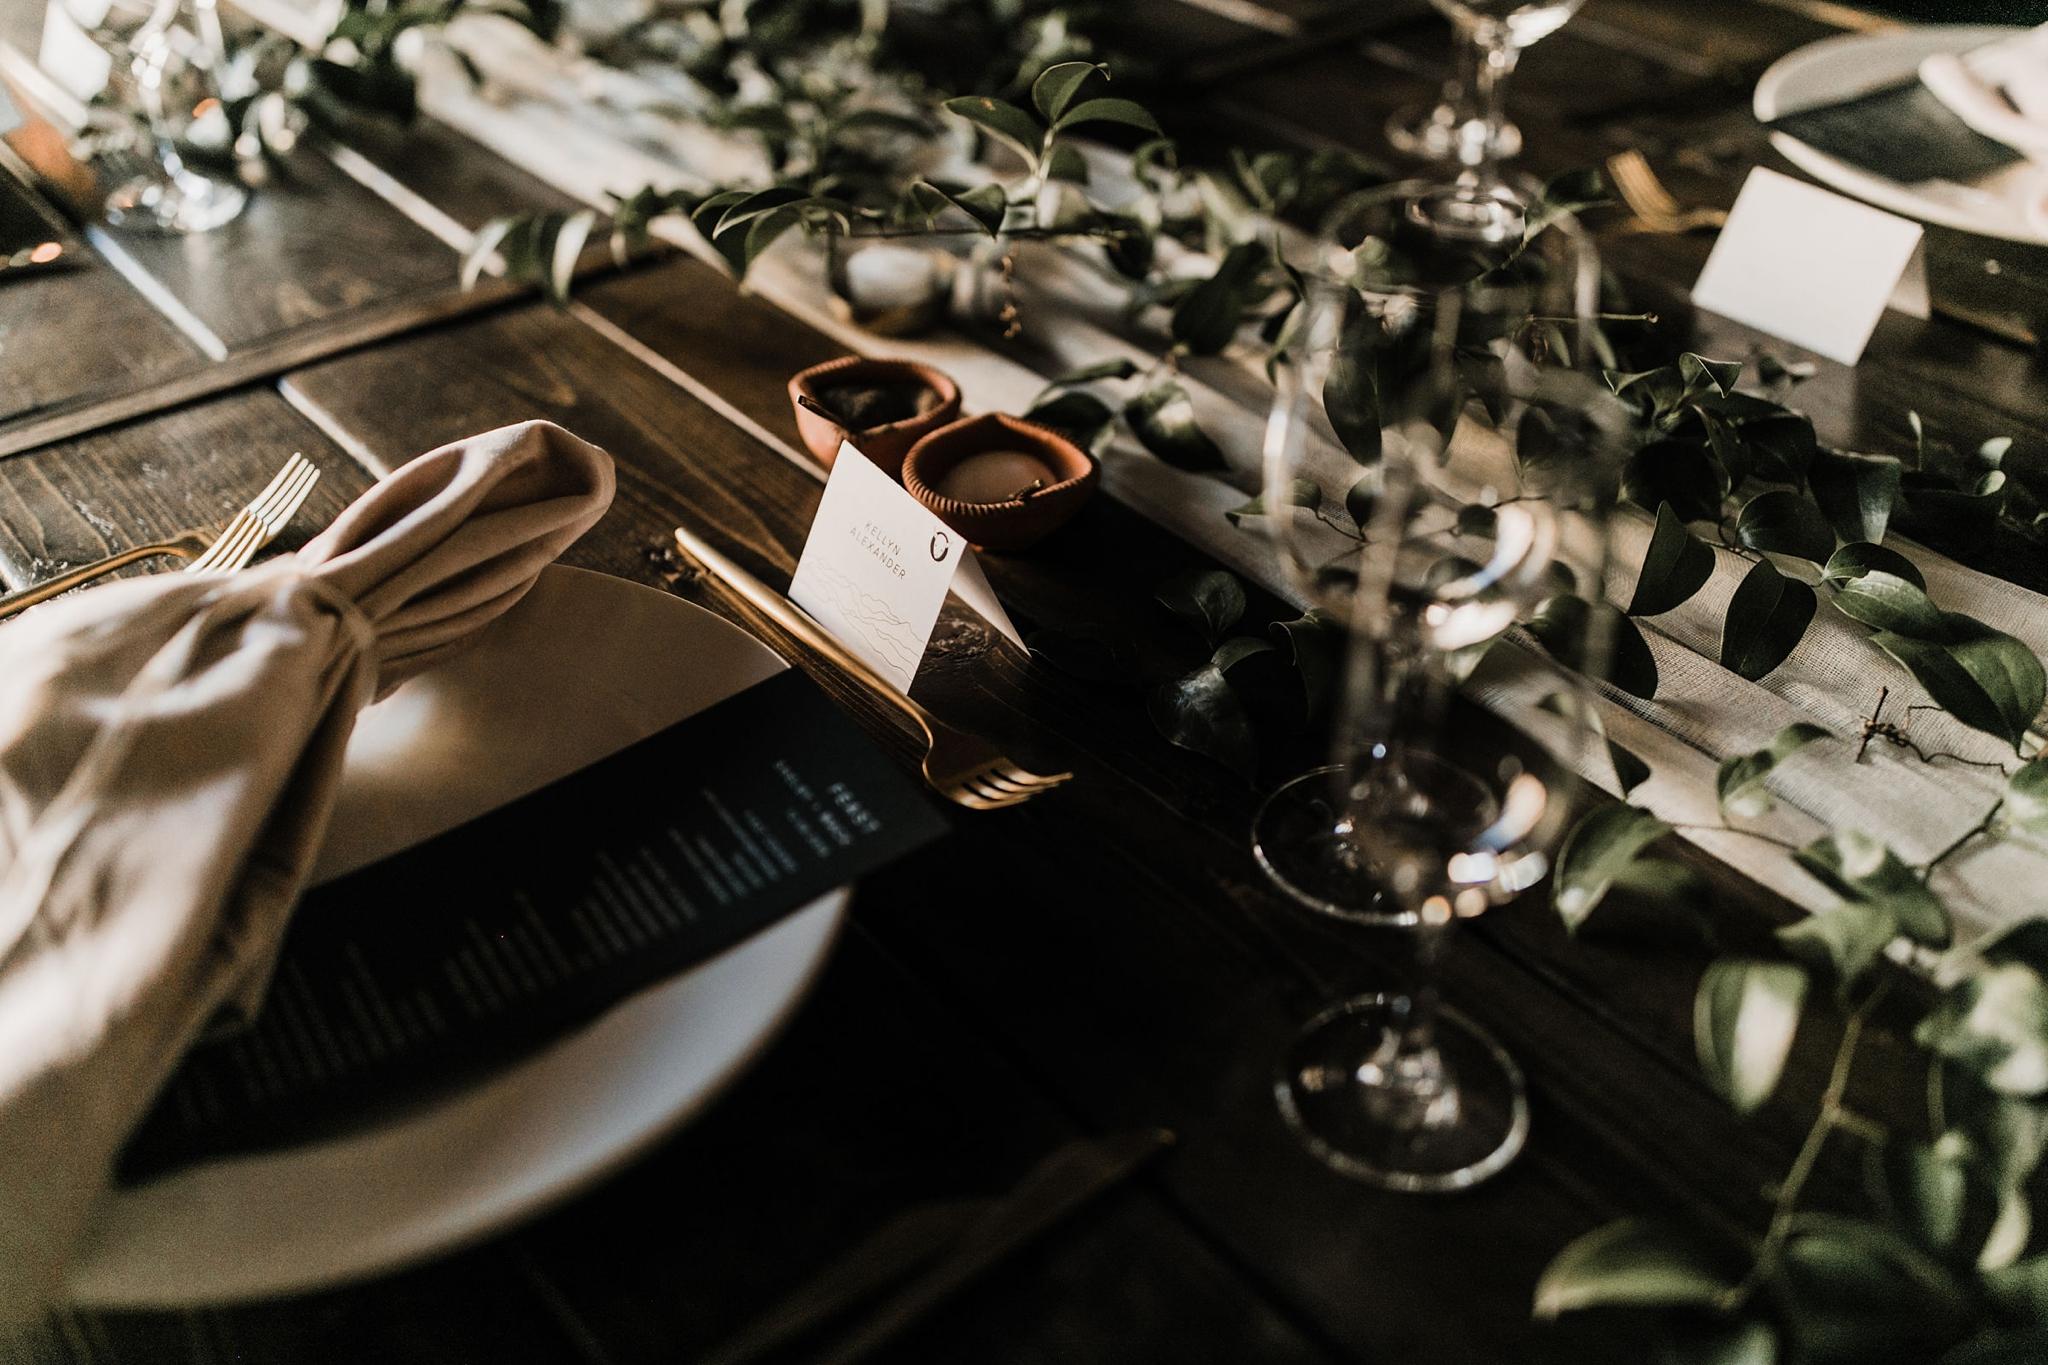 Alicia+lucia+photography+-+albuquerque+wedding+photographer+-+santa+fe+wedding+photography+-+new+mexico+wedding+photographer+-+new+mexico+wedding+-+new+mexico+florist+-+floriography+flowers+-+floriography+flowers+new+mexico+-+wedding+florist_0035.jpg